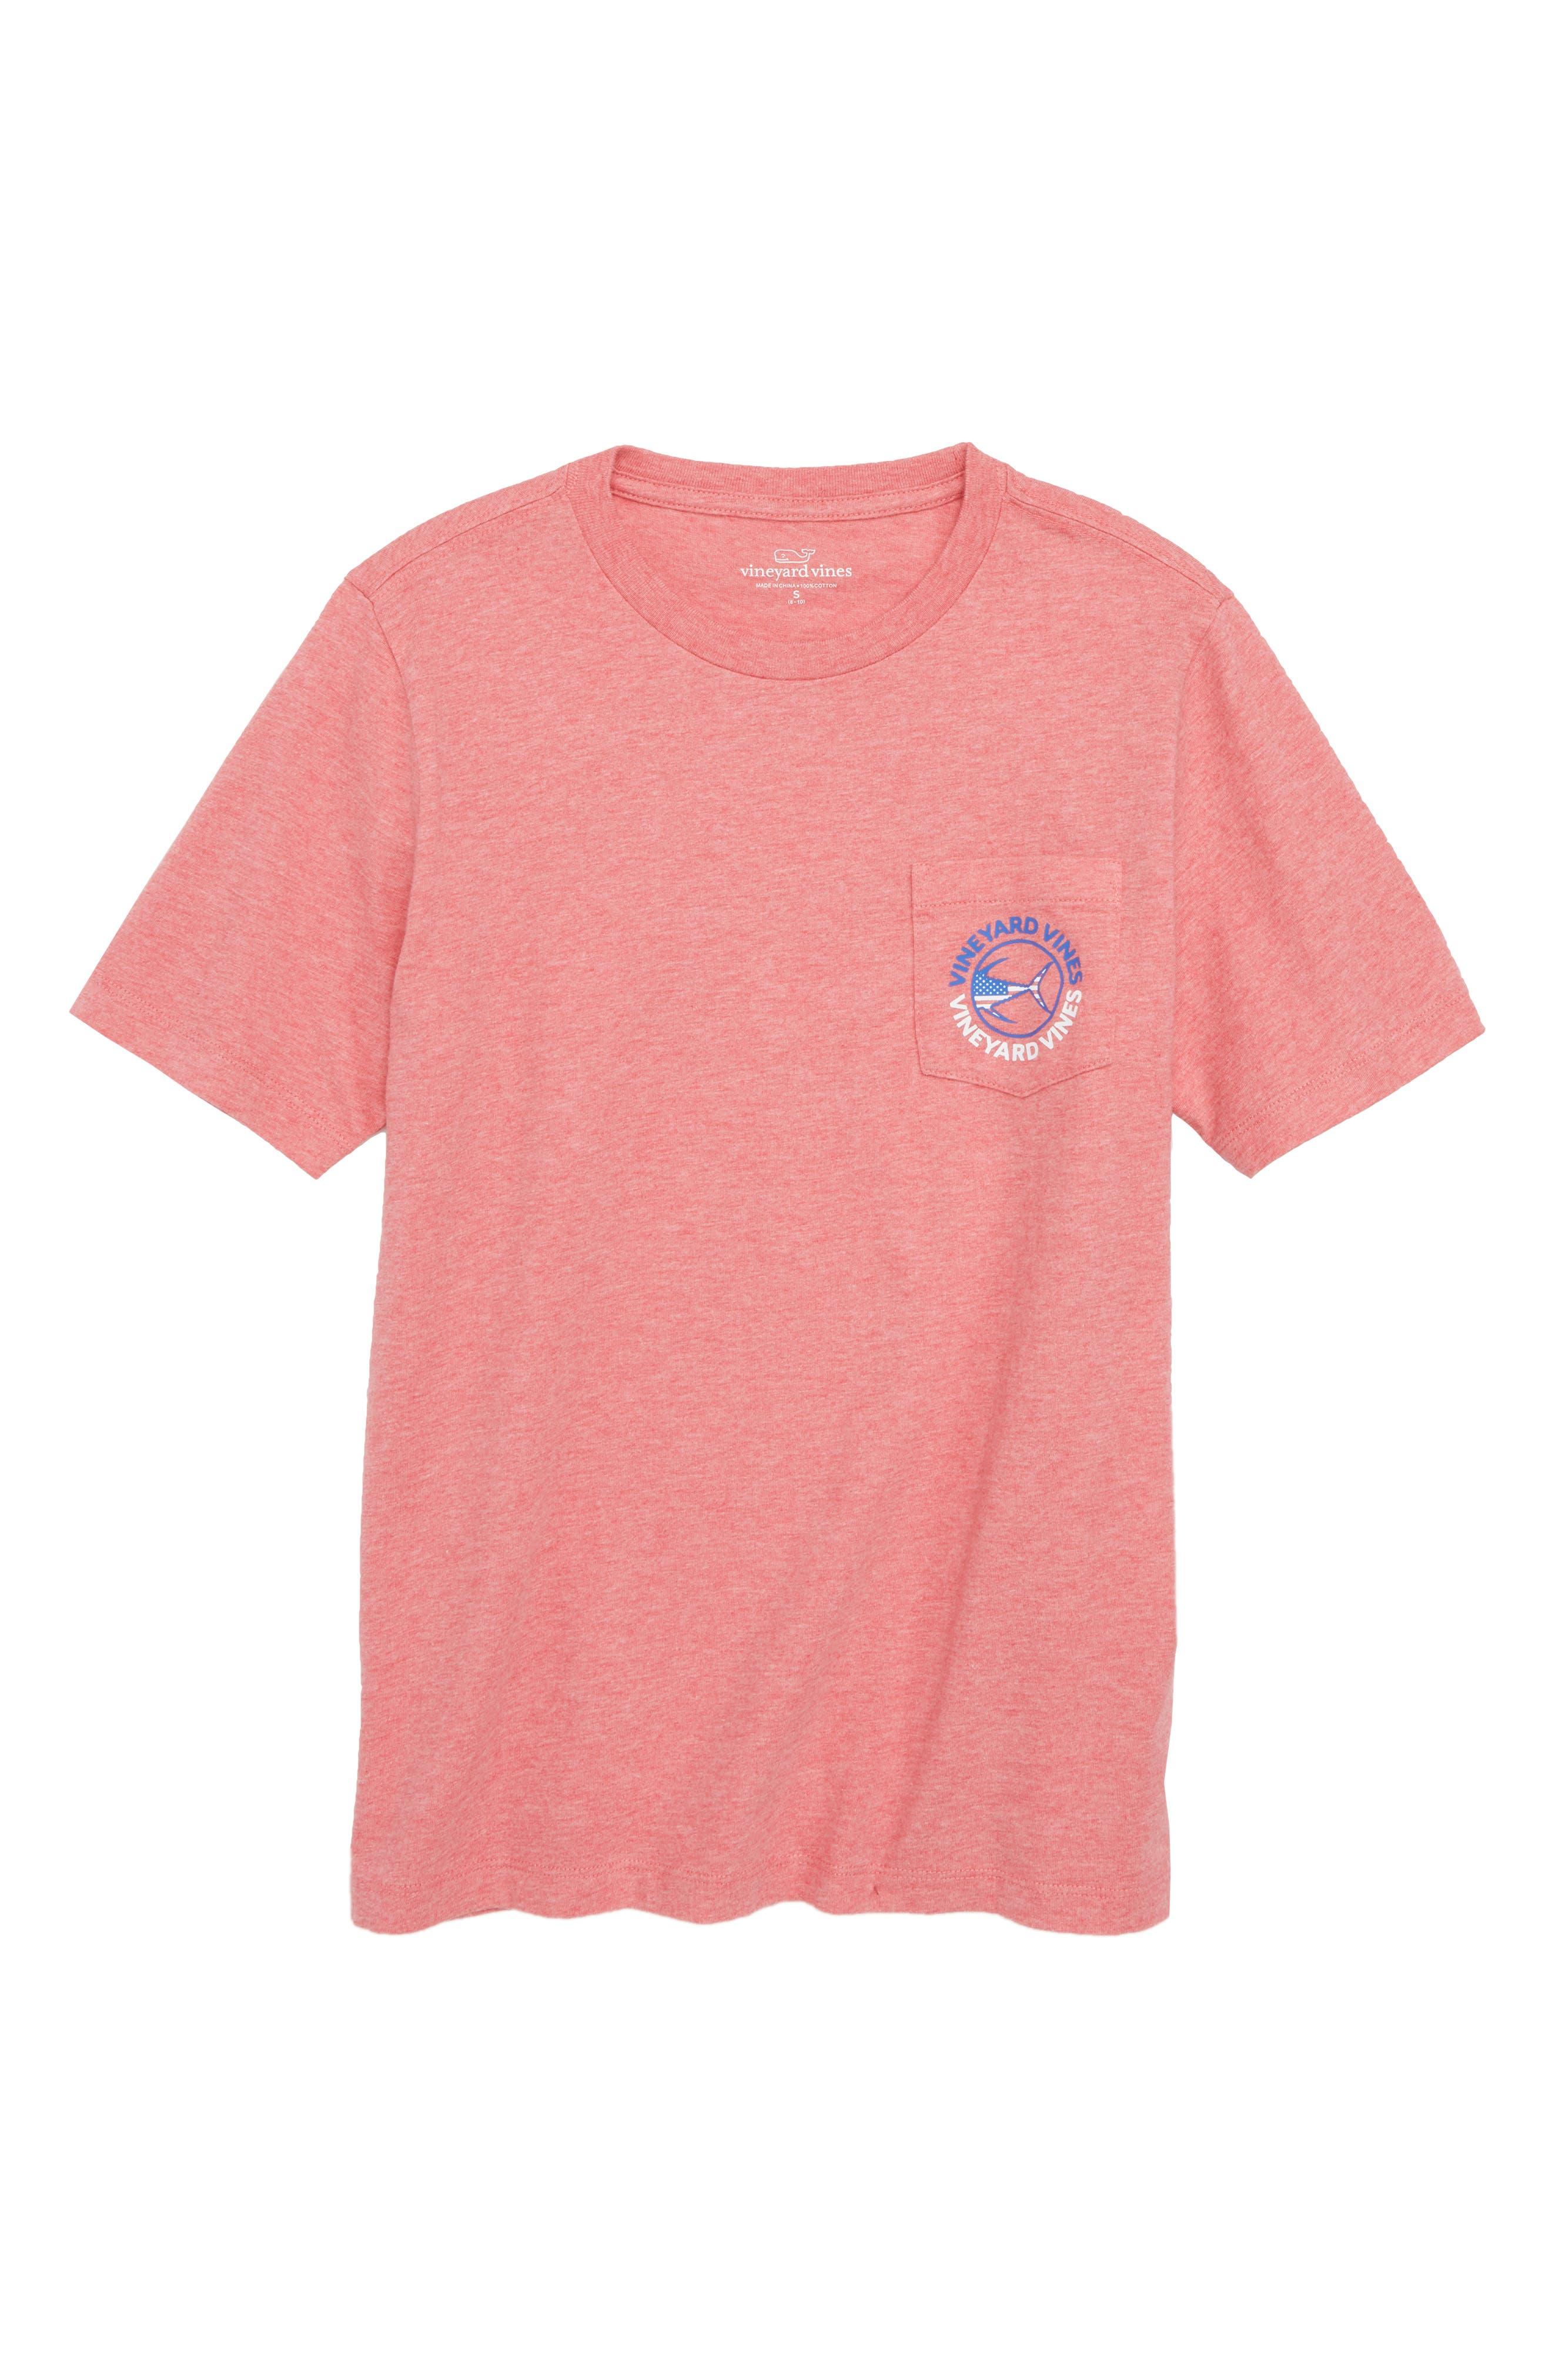 Tuna USA Pocket T-Shirt,                             Main thumbnail 1, color,                             Jetty Red